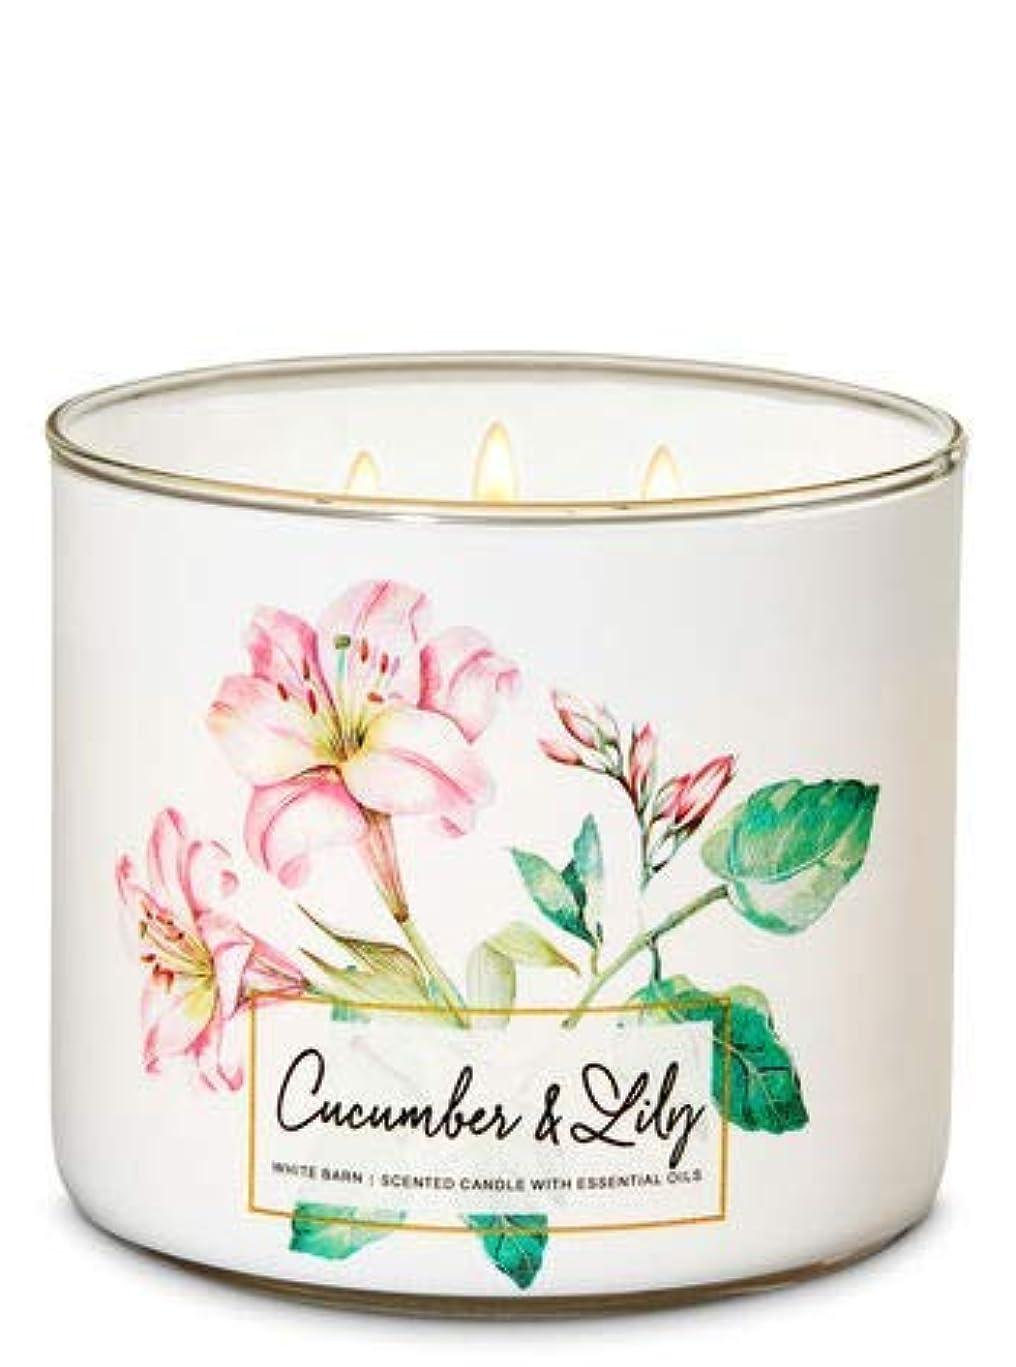 演じる関連する味方【Bath&Body Works/バス&ボディワークス】 アロマキャンドル キューカンバー&リリー 3-Wick Scented Candle Cucumber & Lily 14.5oz/411g [並行輸入品]